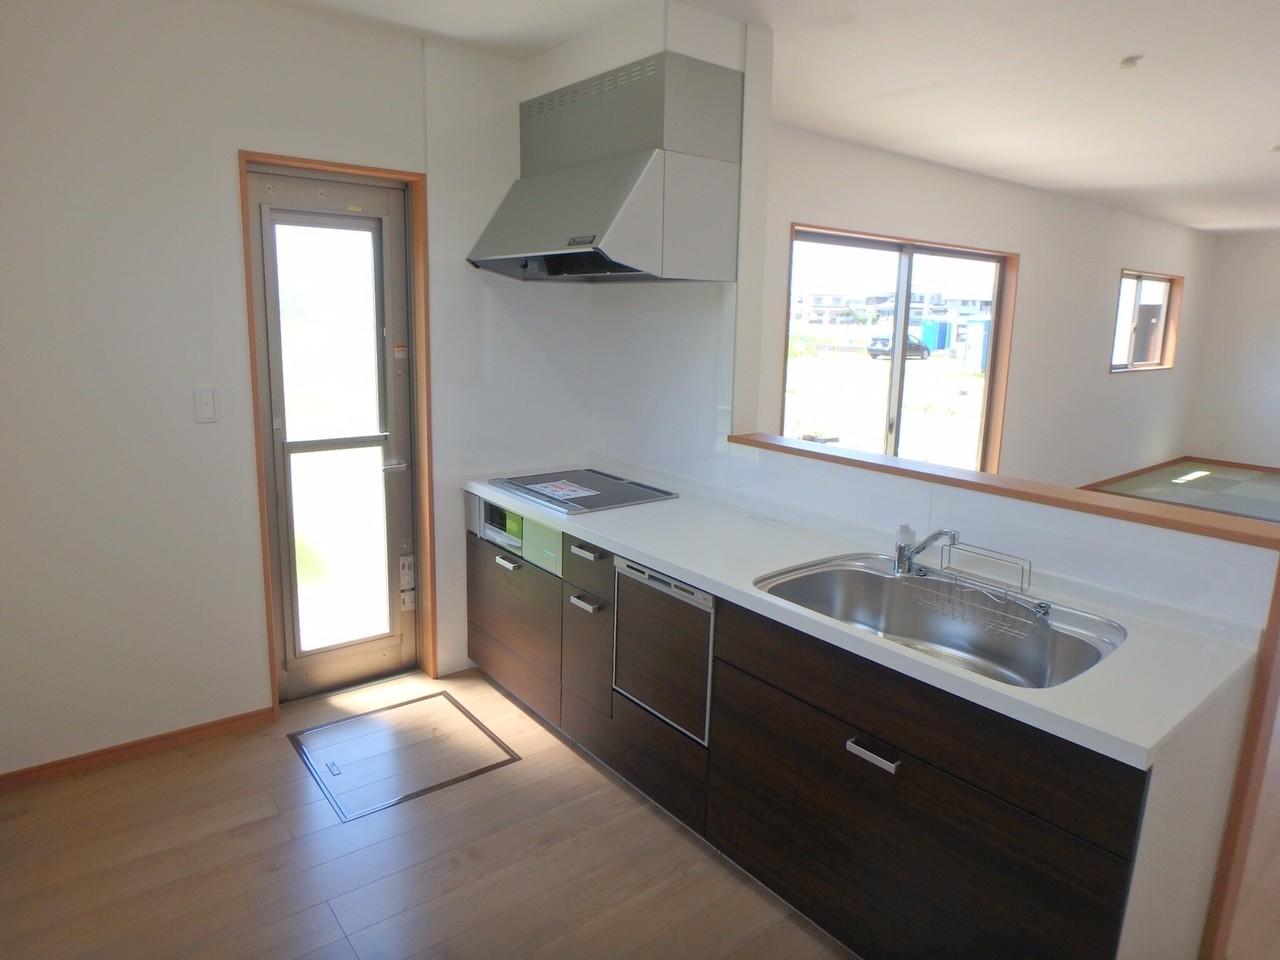 システムキッチンは、IHコンロと食器洗浄機を装備。 リビングが見渡せるカウンターキッチンは、主婦にとって必需品ですね♪